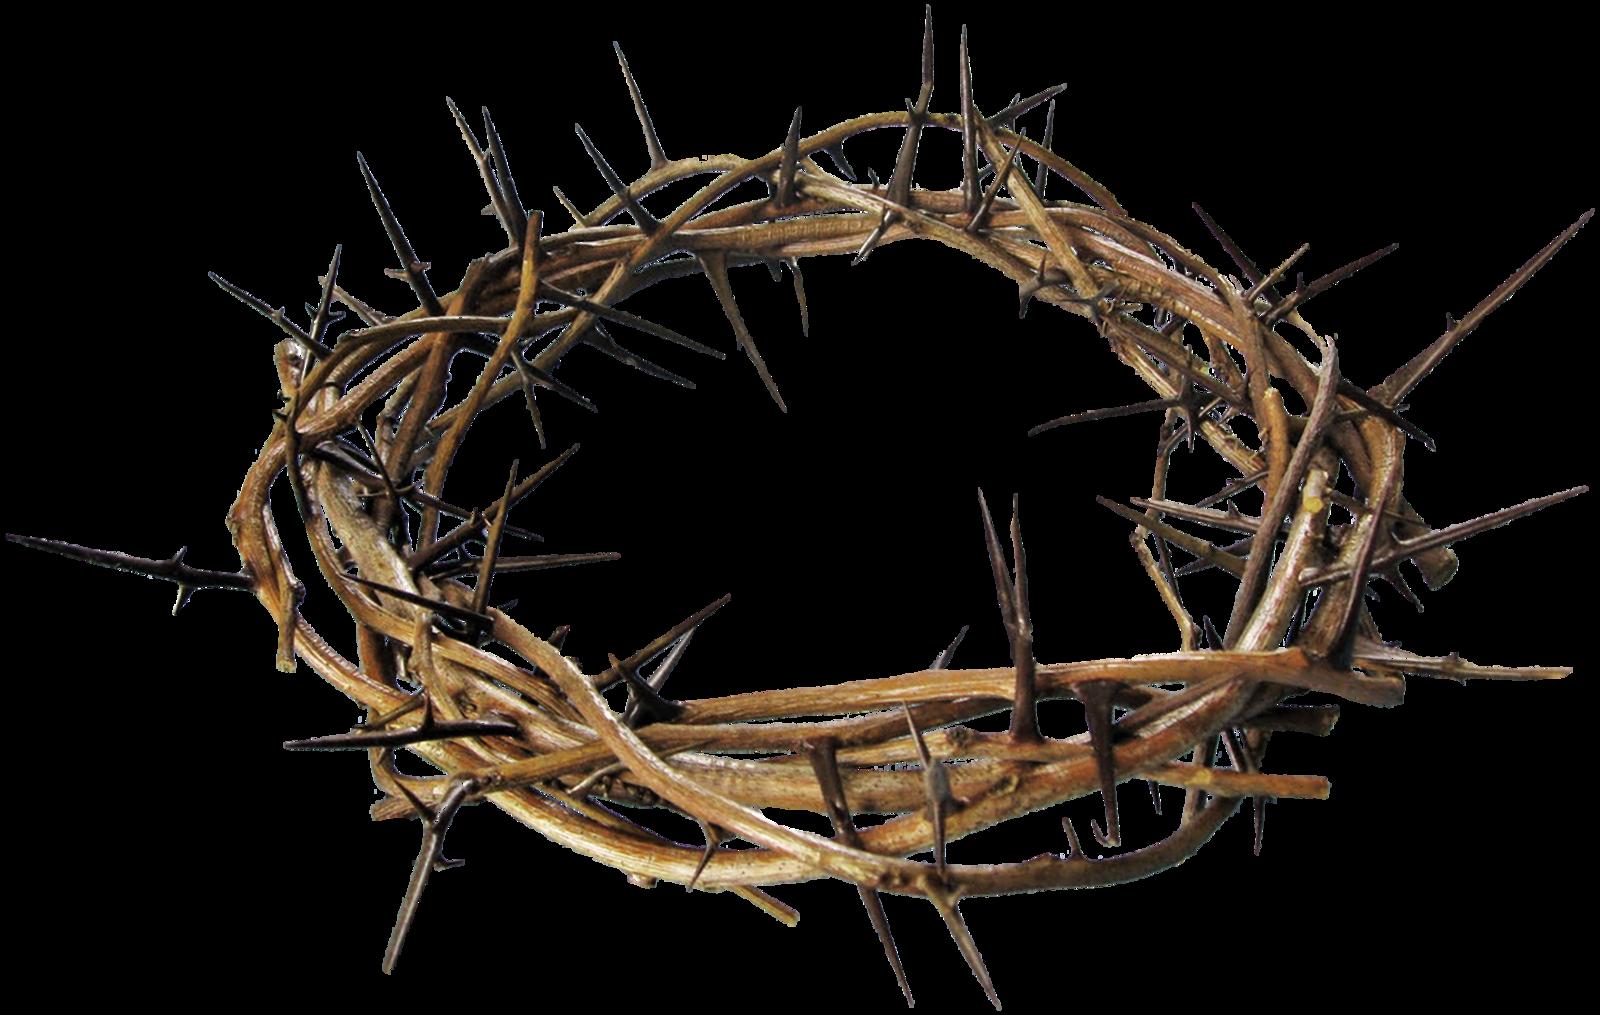 полянки излюбленных терновый венец христа картинка сложных предметов присутствует